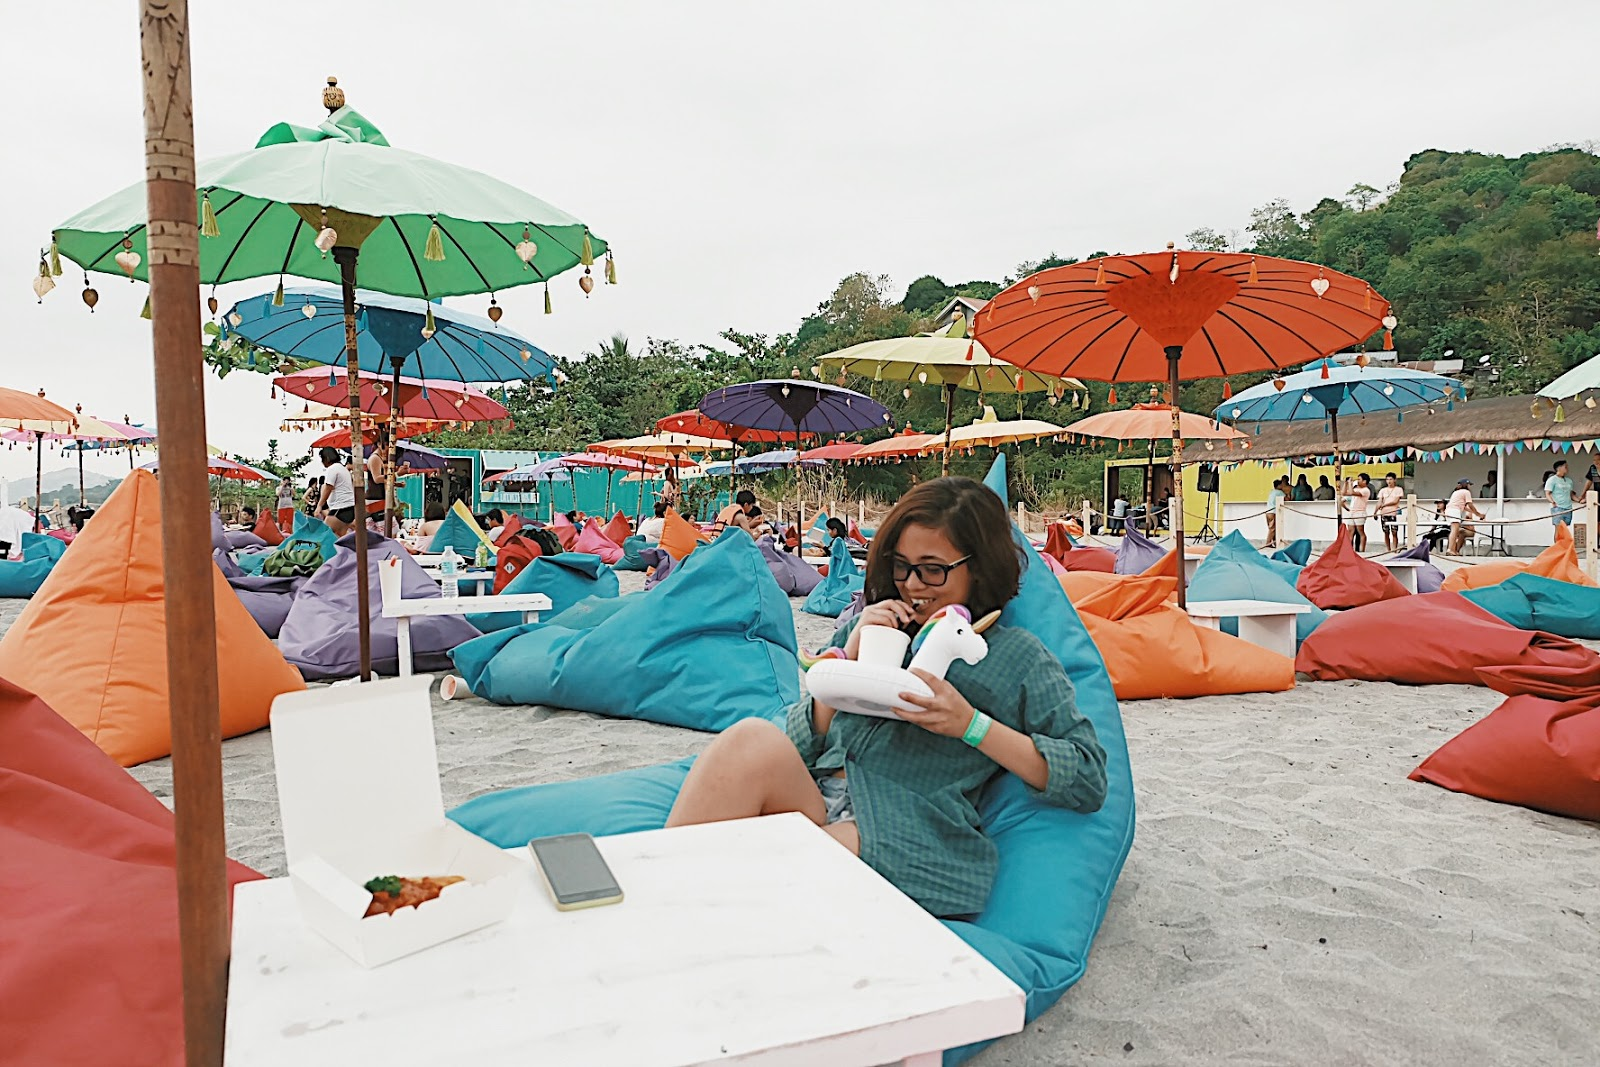 Inflatable Island Giveaway